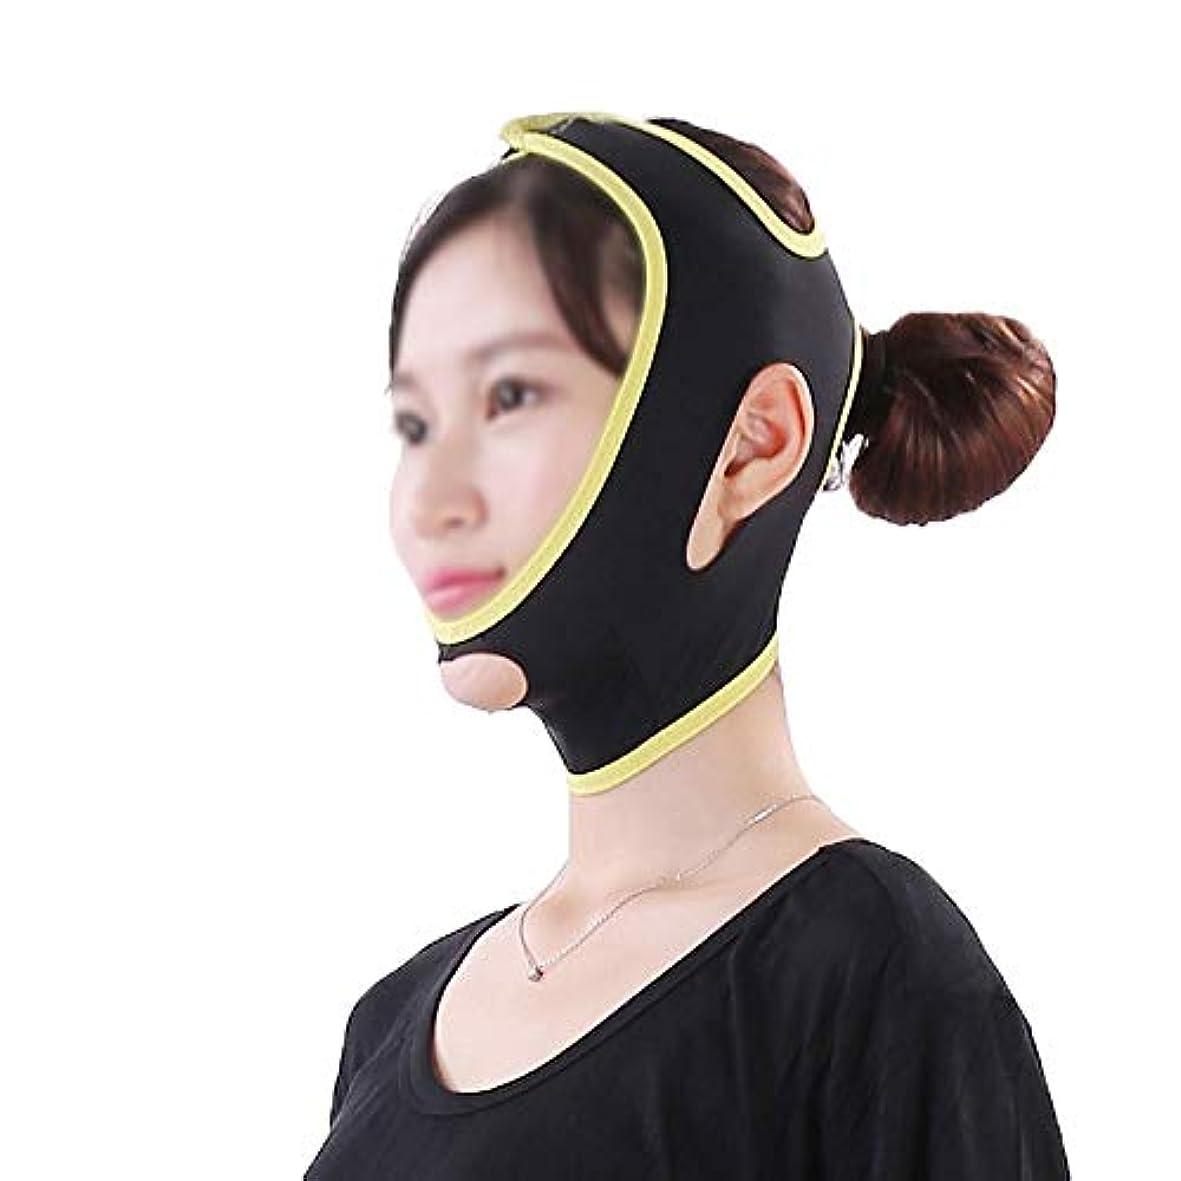 パスタテロリスト買い物に行くTLMY フェイス&ネックリフトシンフェイスマスクパワフルマスクフェイスリフトアーチファクトフェイスリフトフェイスツールシンフェイス包帯シンフェイスマスク美容マスク 顔用整形マスク (Size : L)